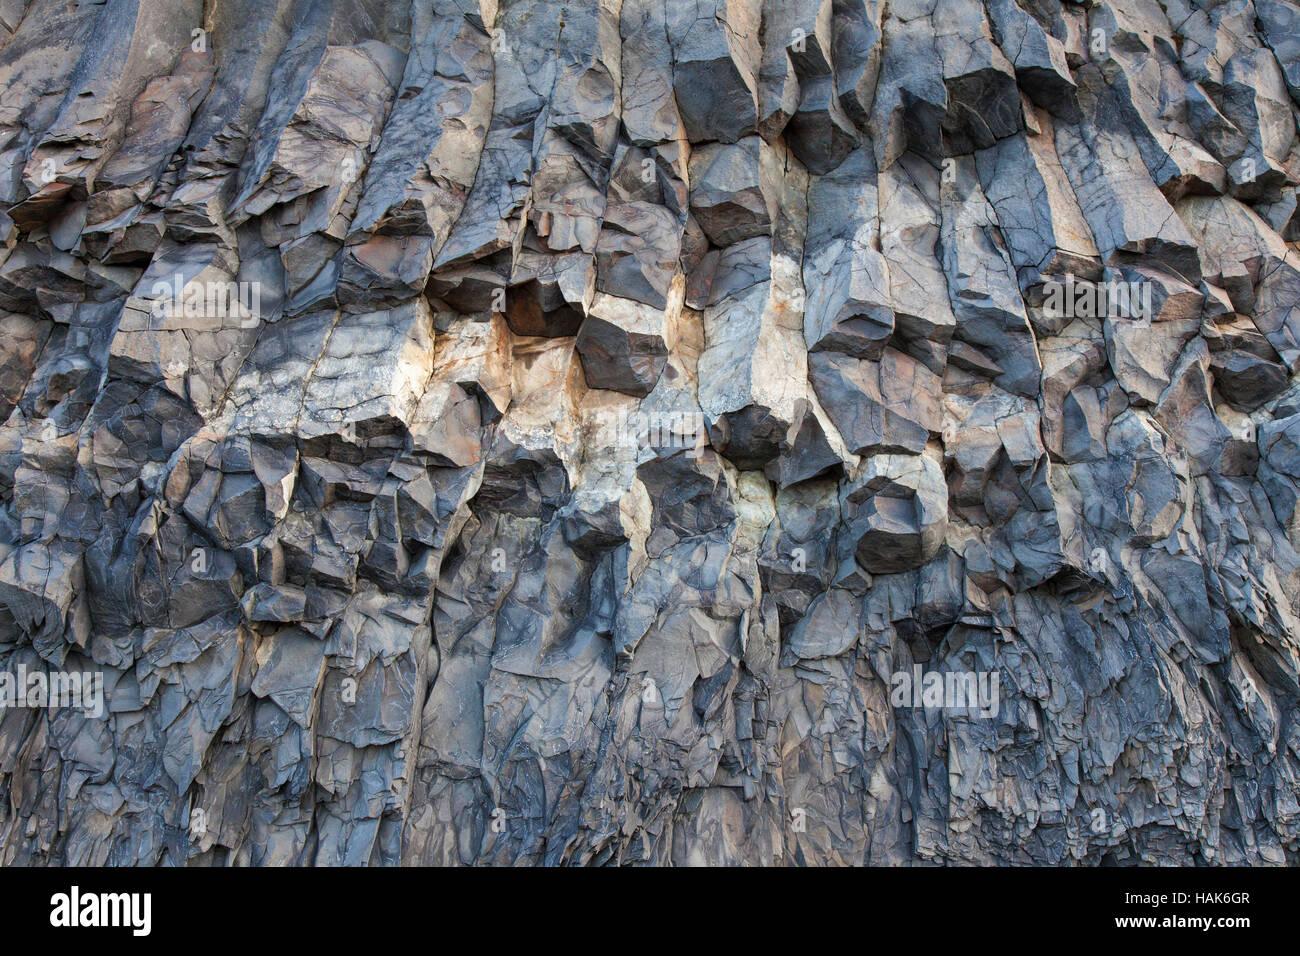 Hexagonal basalt columns, volcanic rock formations near the village Vík í Mýrdal, southern Iceland Stock Photo